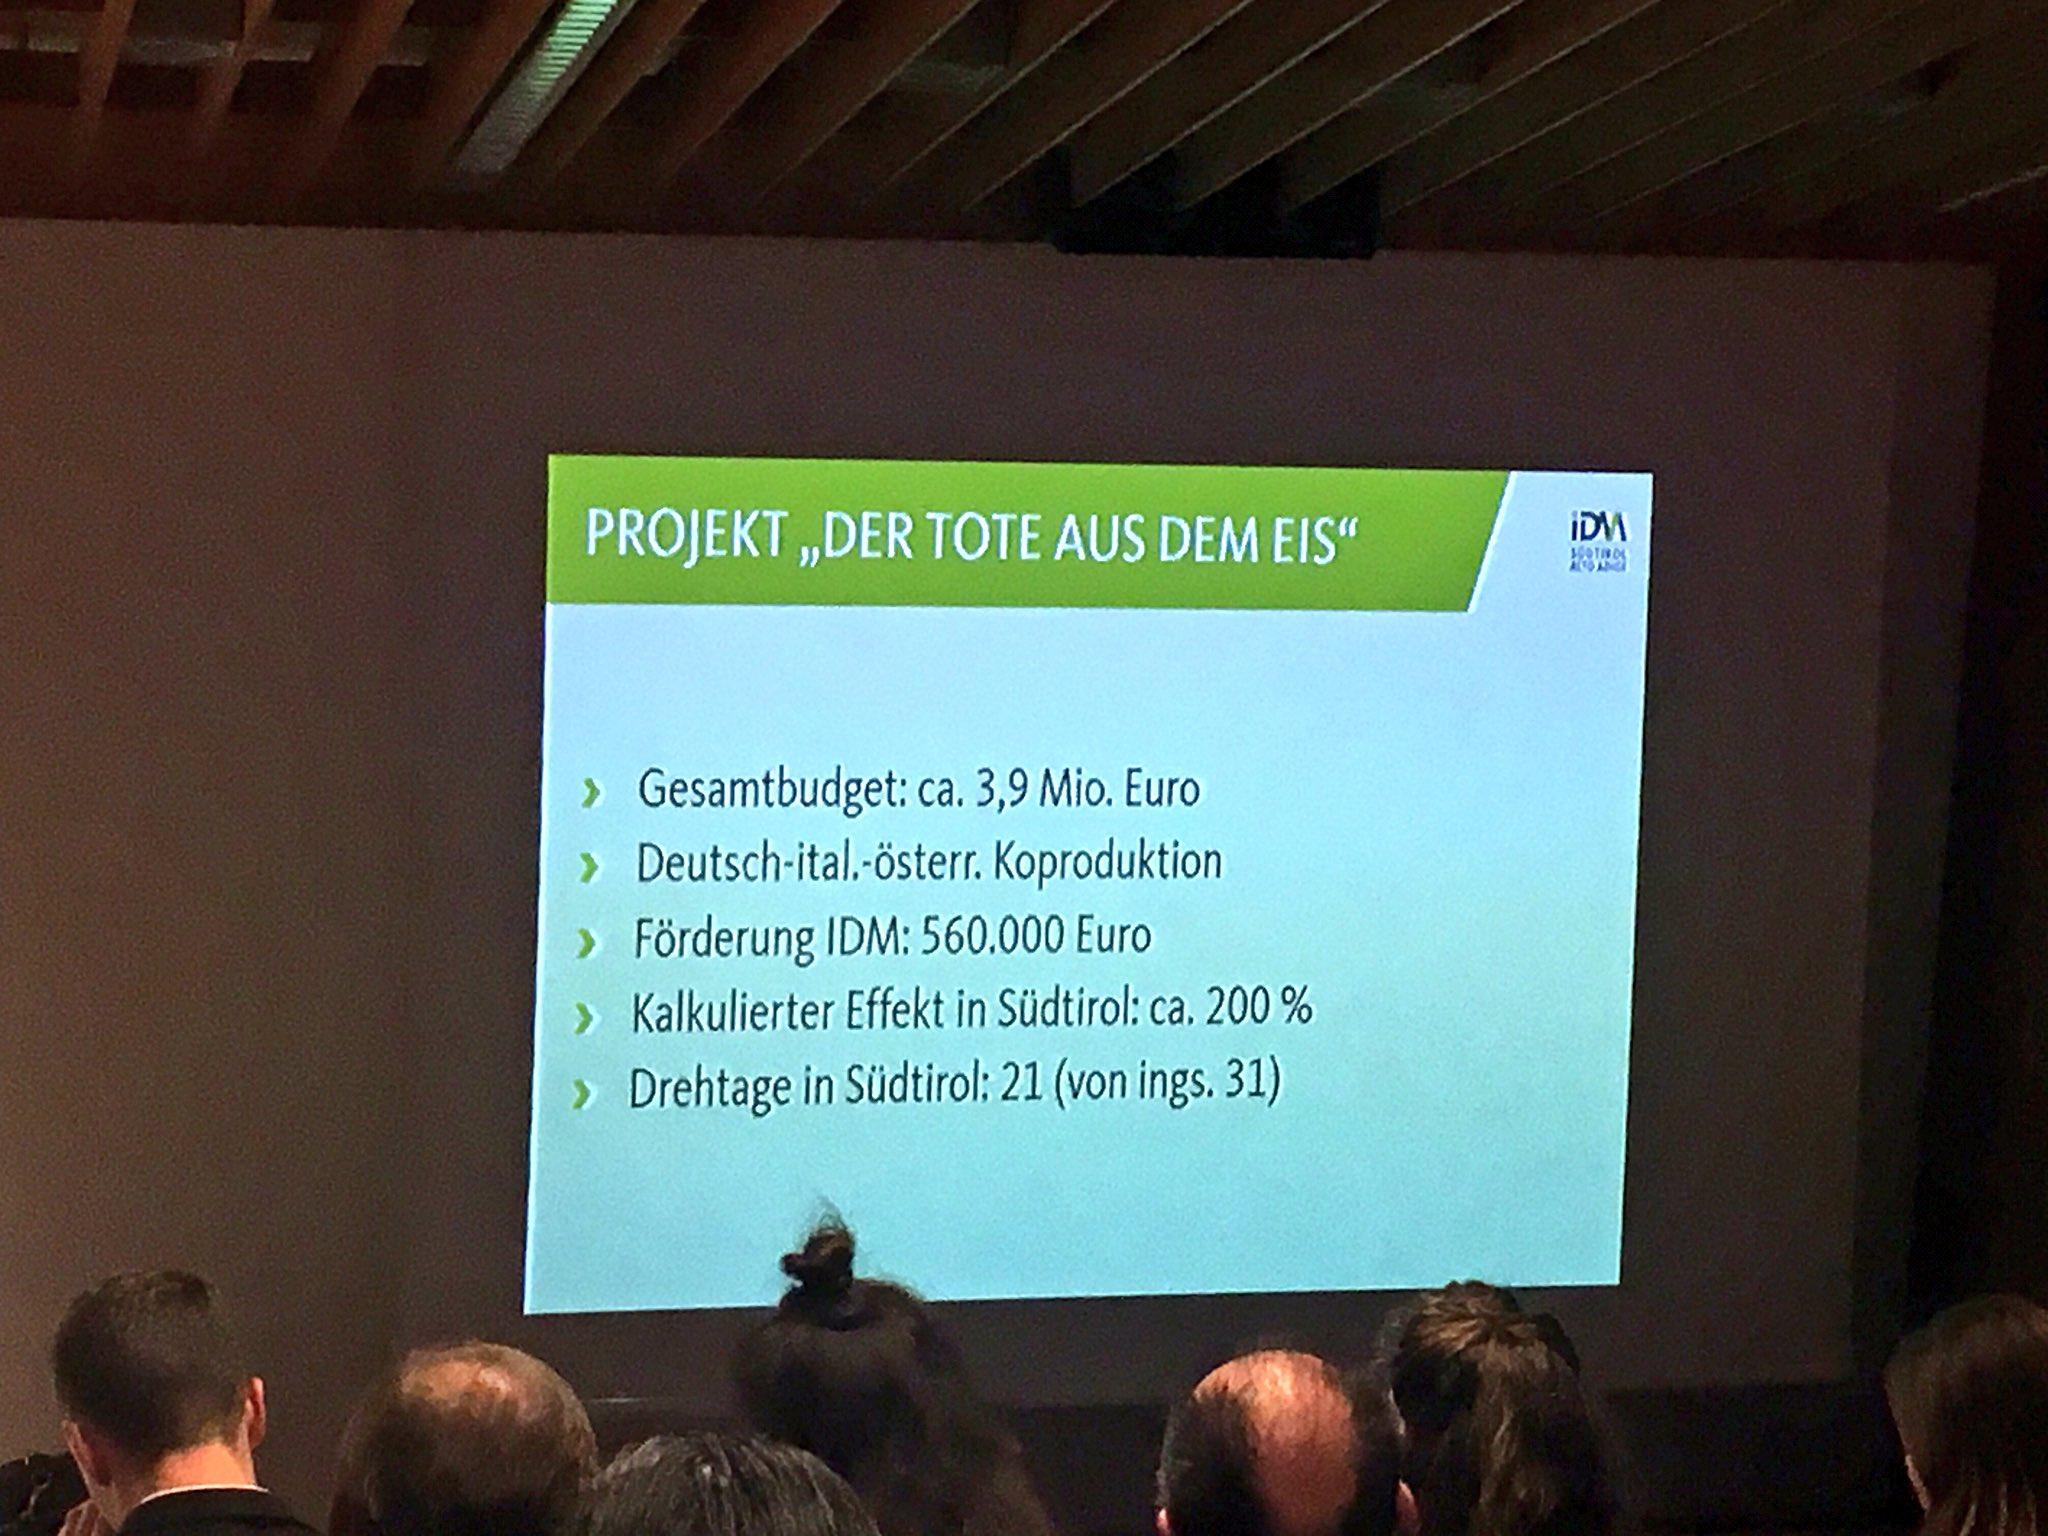 """#tmcbz Praxisbeispiel am 2016 gedrehten Ötzi-Projekt (""""Der Tote aus dem Eis"""") https://t.co/DM6bfXaEte"""